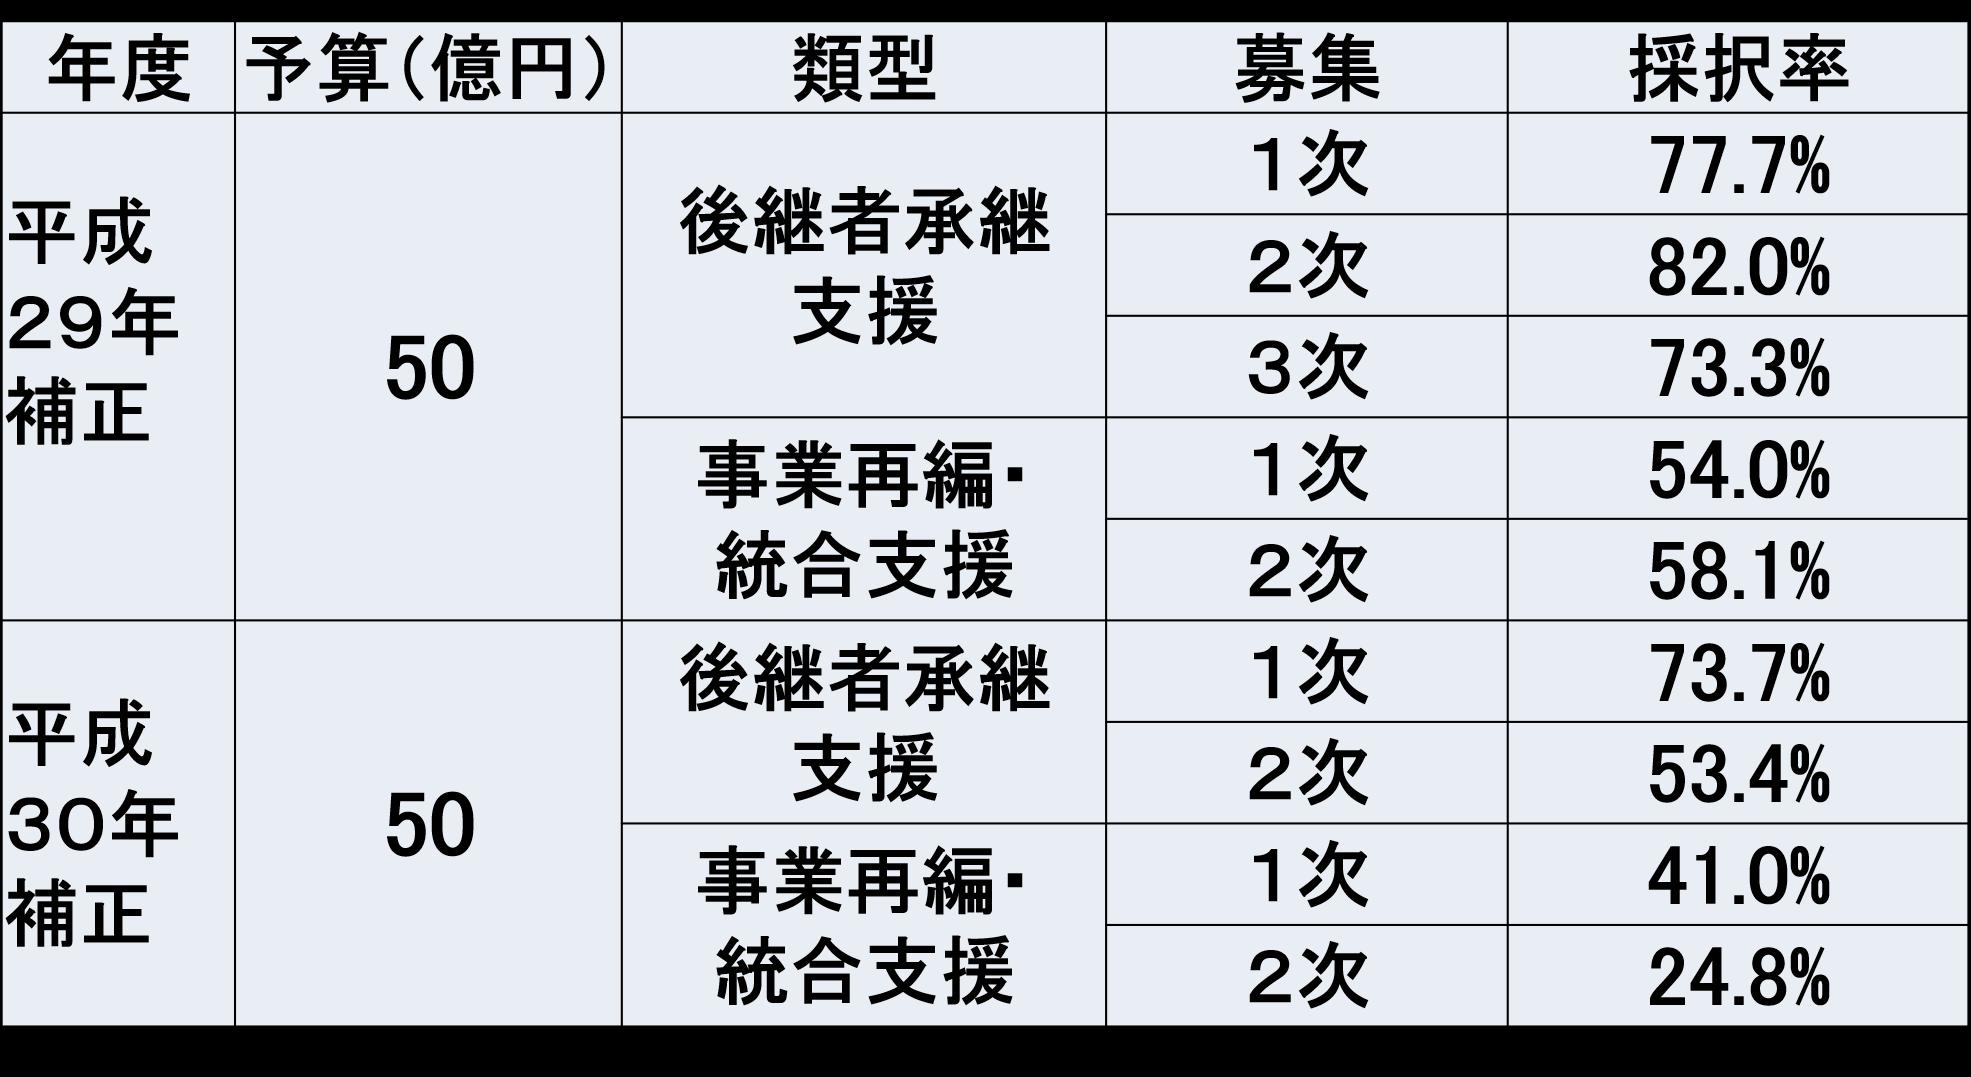 事業承継補助金 採択率